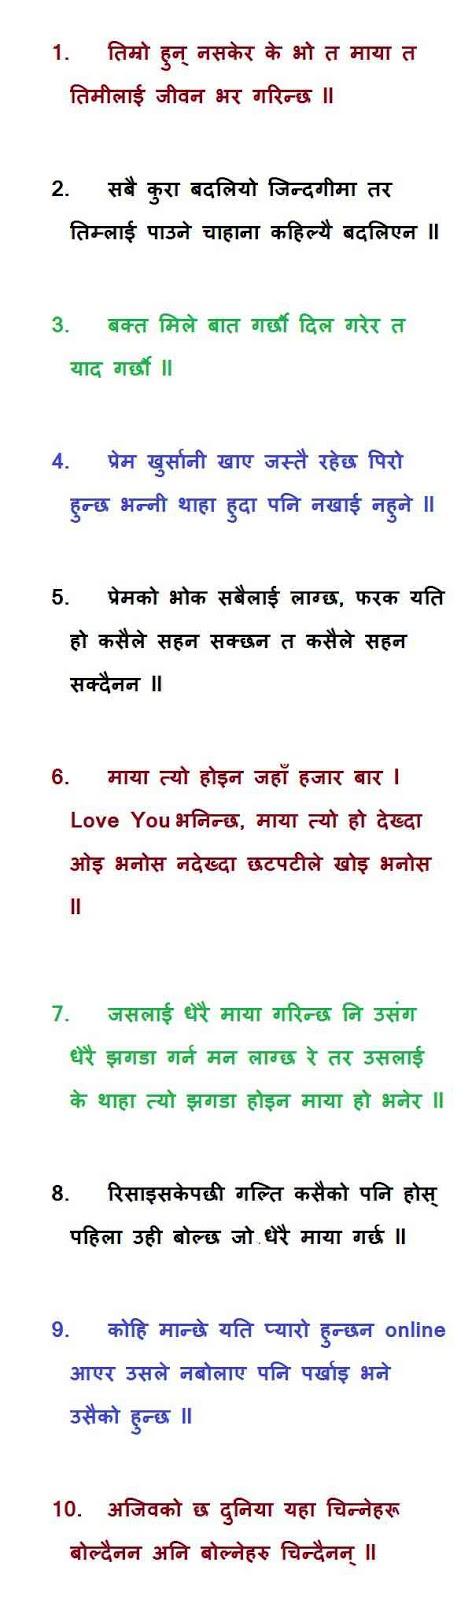 Funny Whatsapp Status In Nepali : funny, whatsapp, status, nepali, Nepali, Status, Attitude, Funny, Quotes, Whatsapp